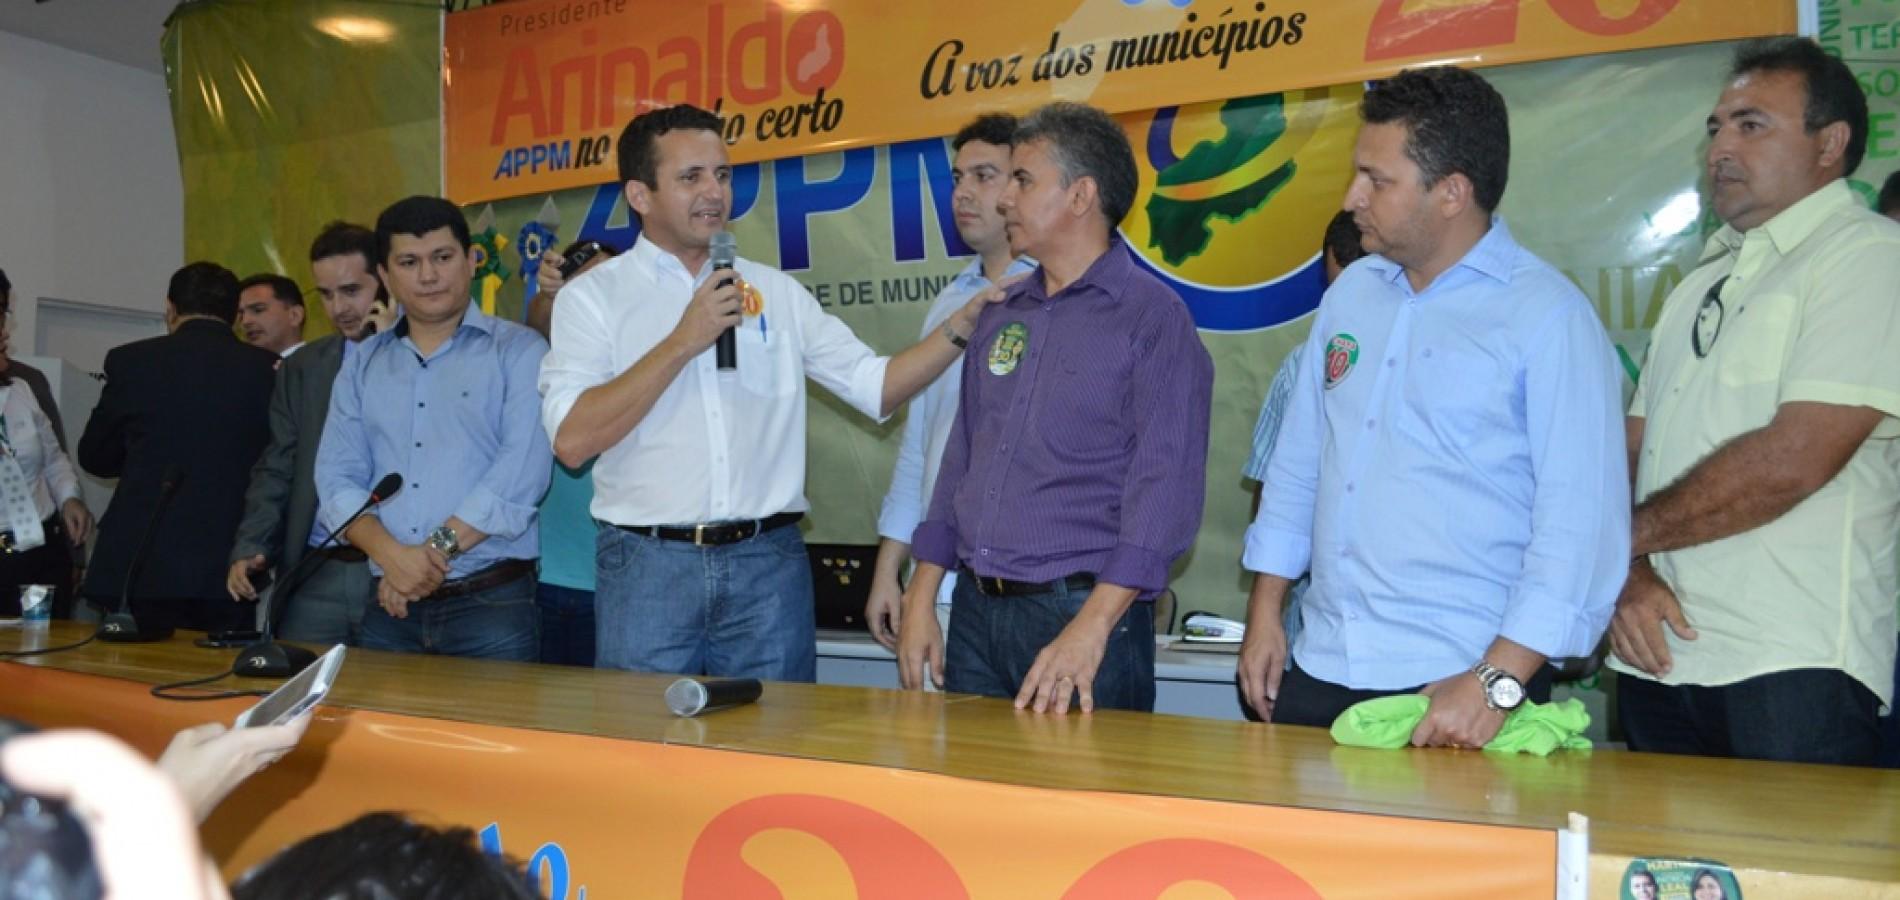 Arinaldo Leal, prefeito de Vila Nova do Piauí, é reeleito presidente da APPM; veja fotos